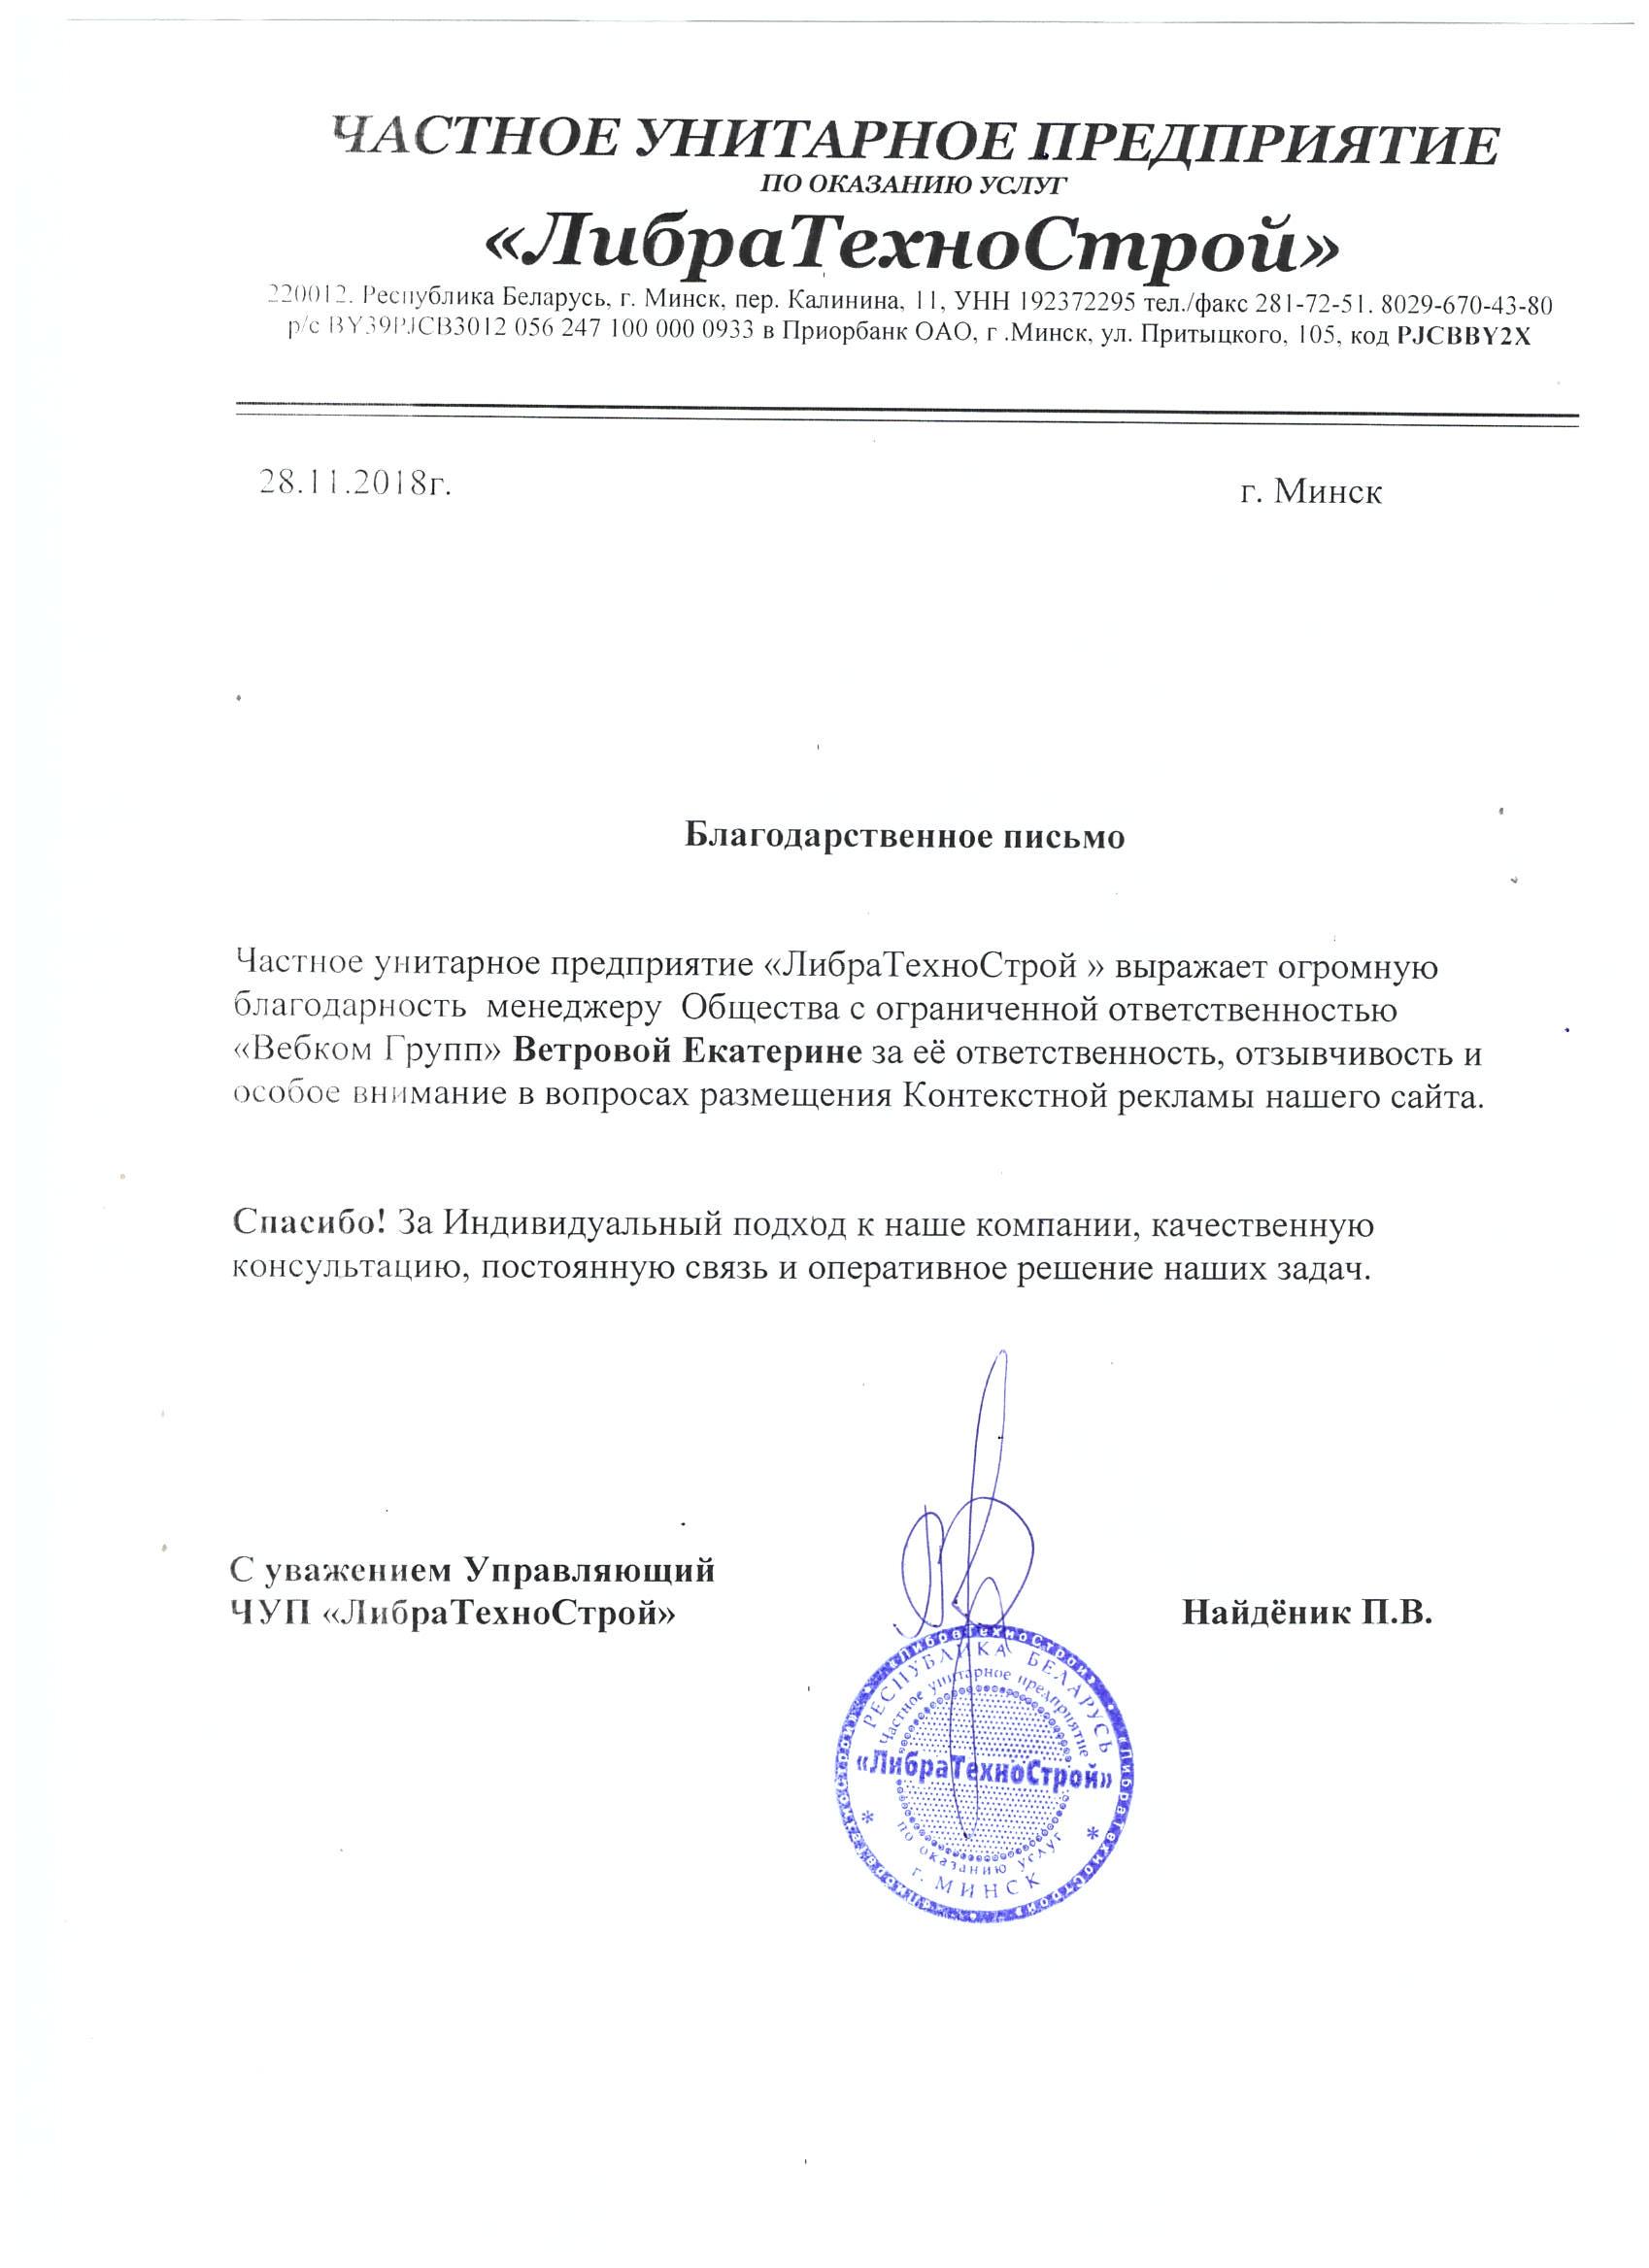 Управляющий ЧП «ЛибраТехноСтрой»